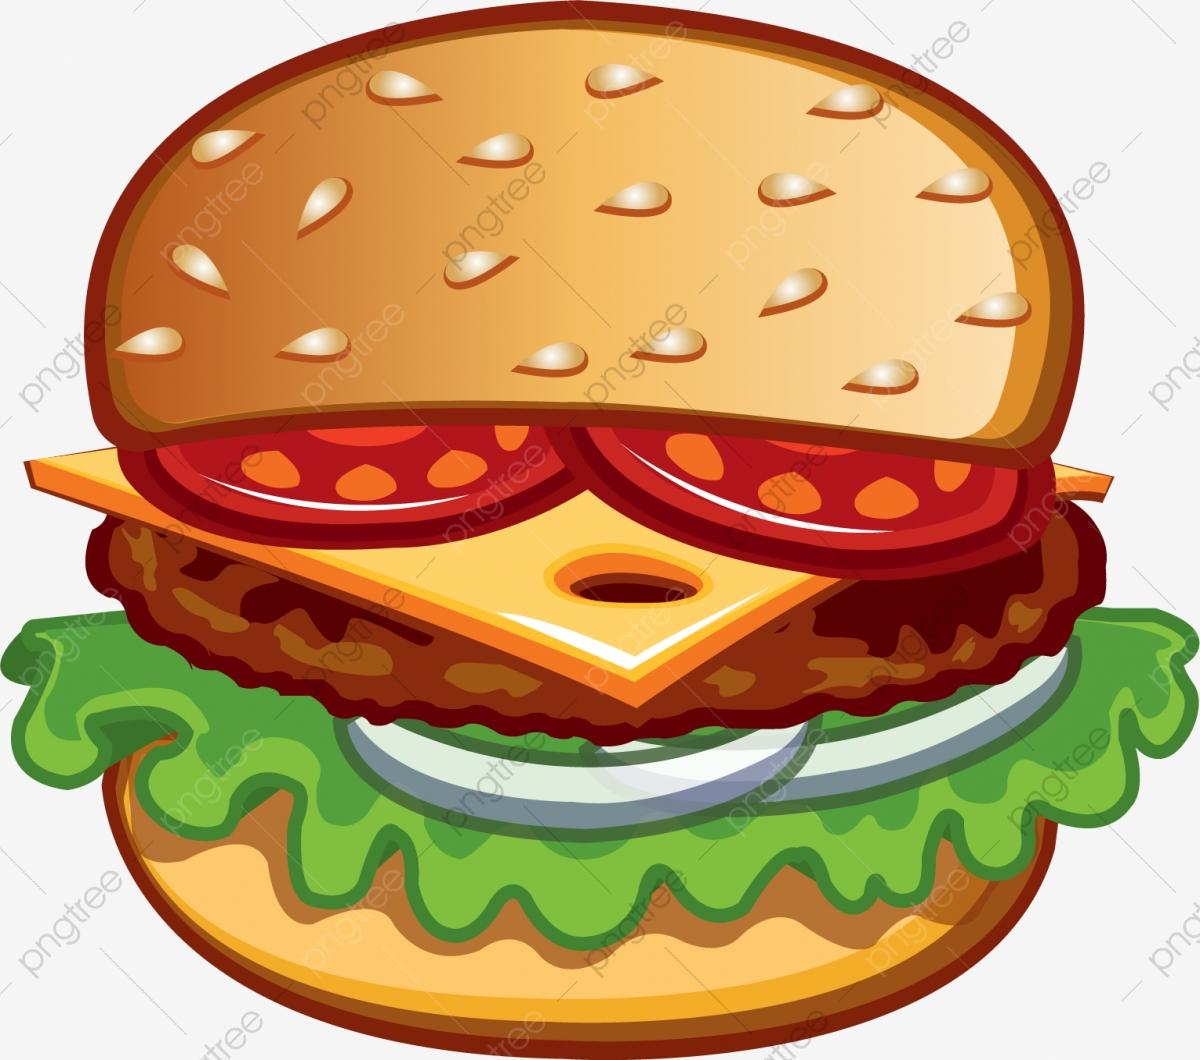 Layered burger hamburger western. Cheeseburger clipart buger